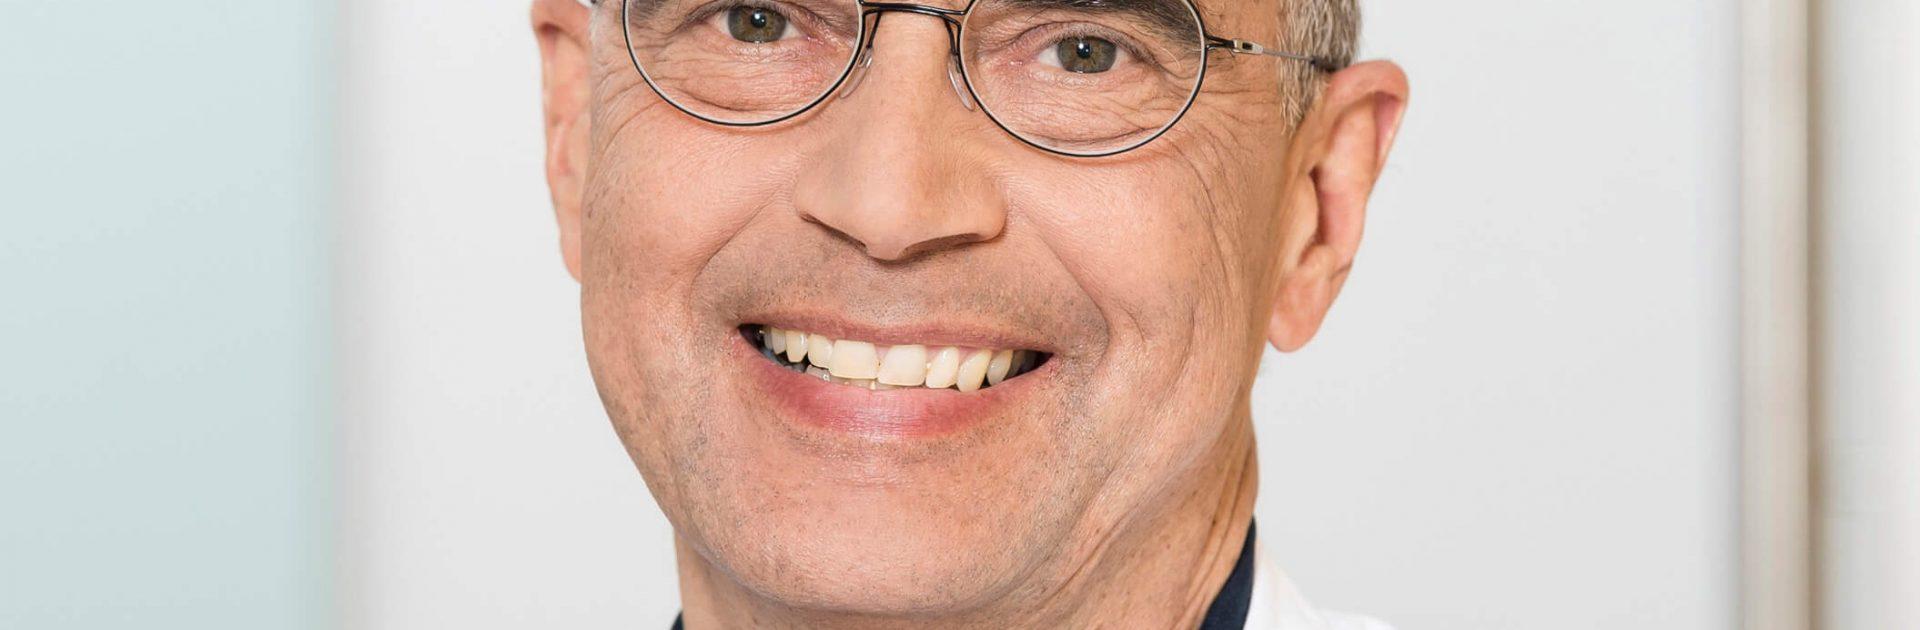 Dr. Niklos im Interview zu Prostatavergrößerungen